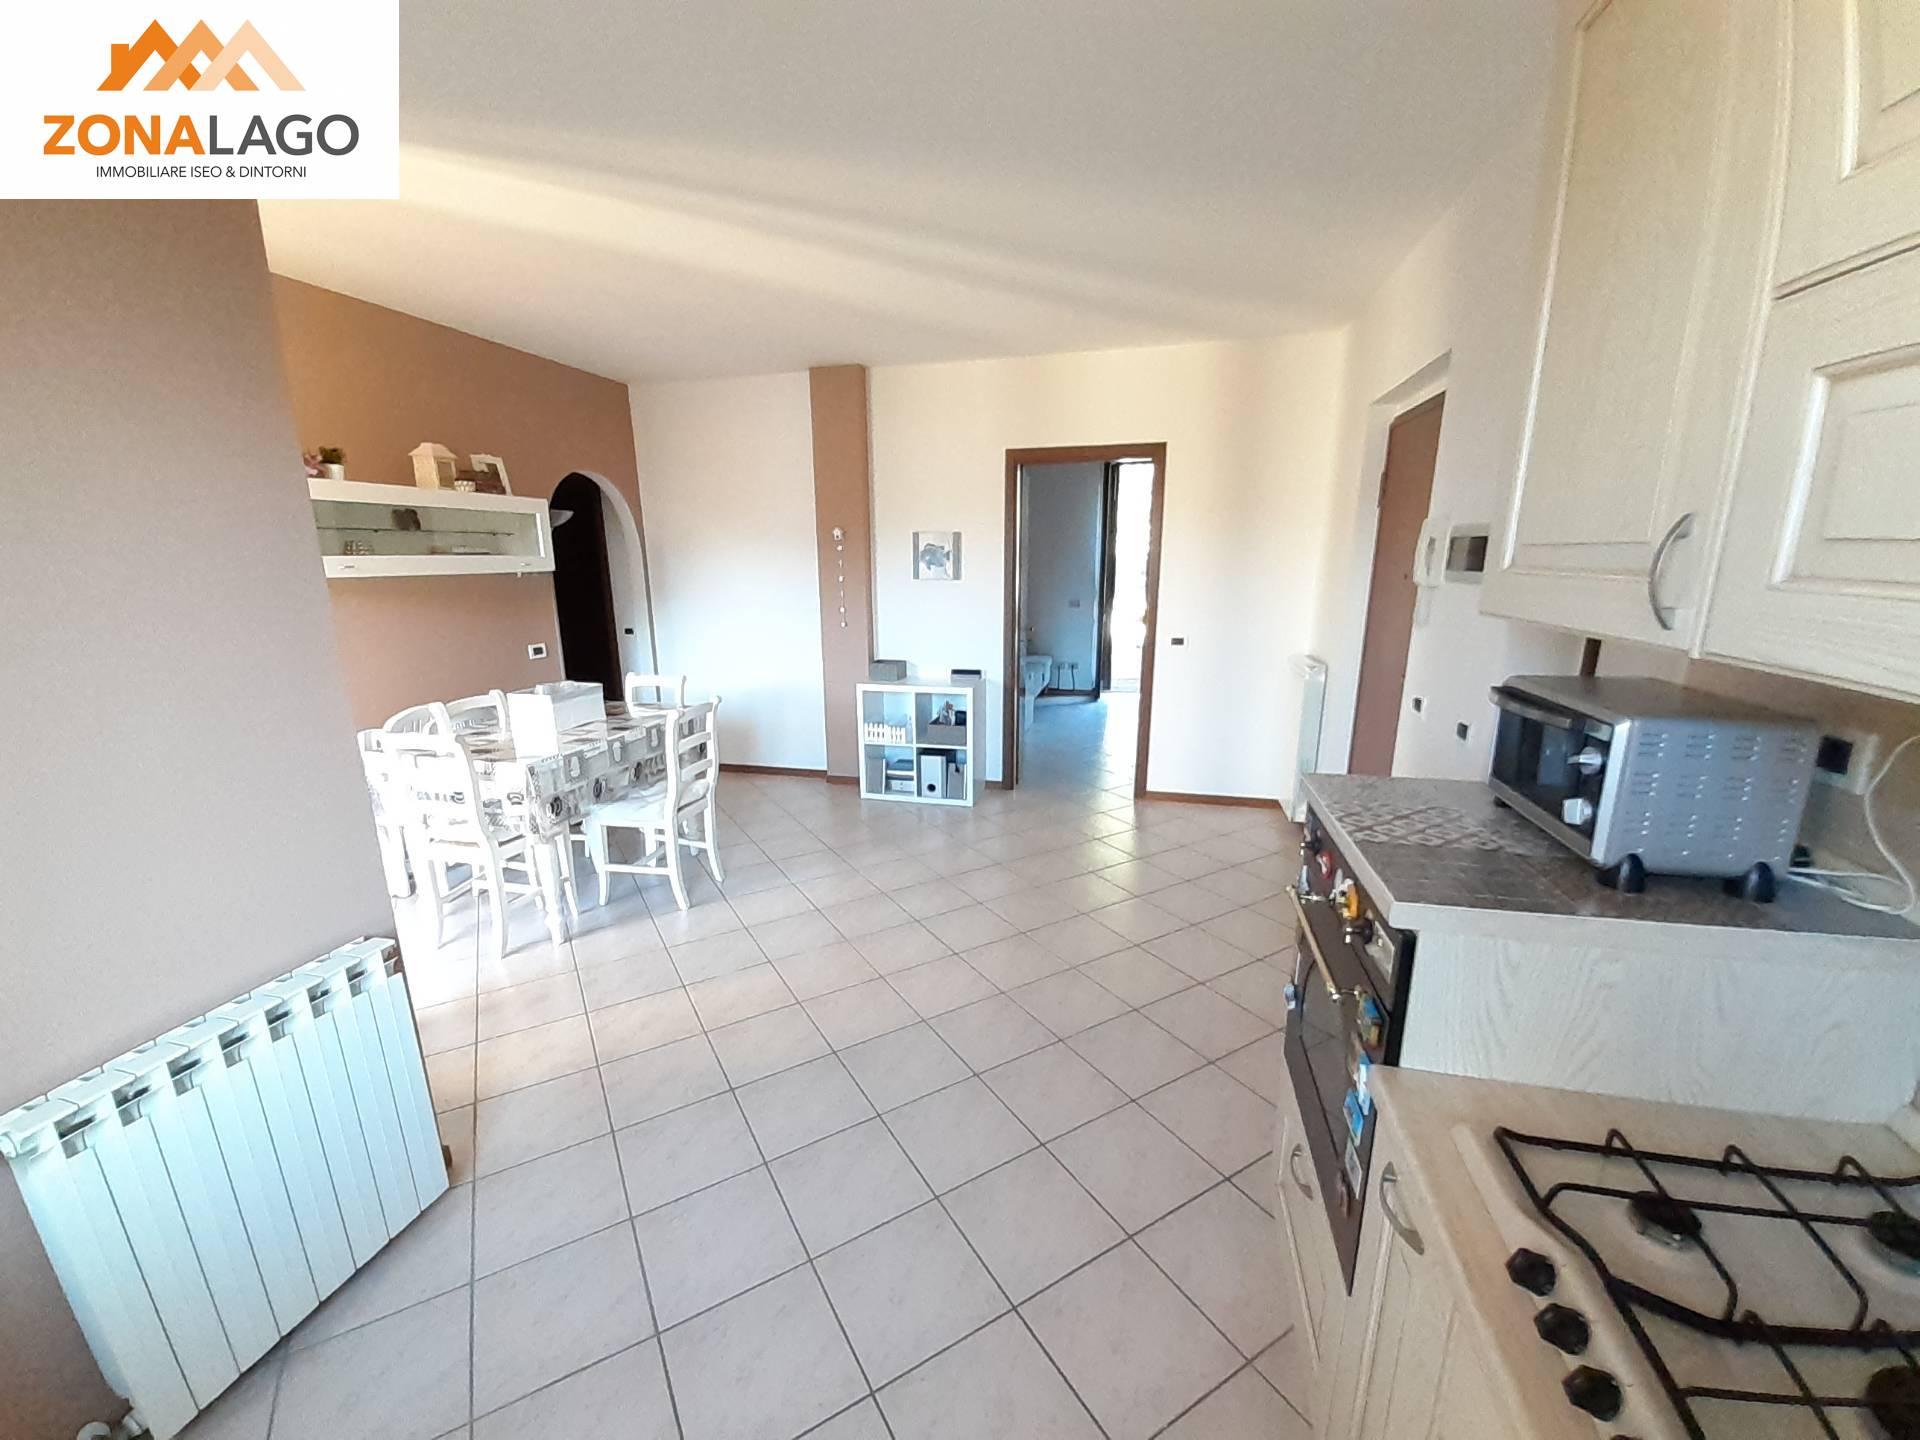 Appartamento in vendita a Marone, 3 locali, prezzo € 147.000 | PortaleAgenzieImmobiliari.it